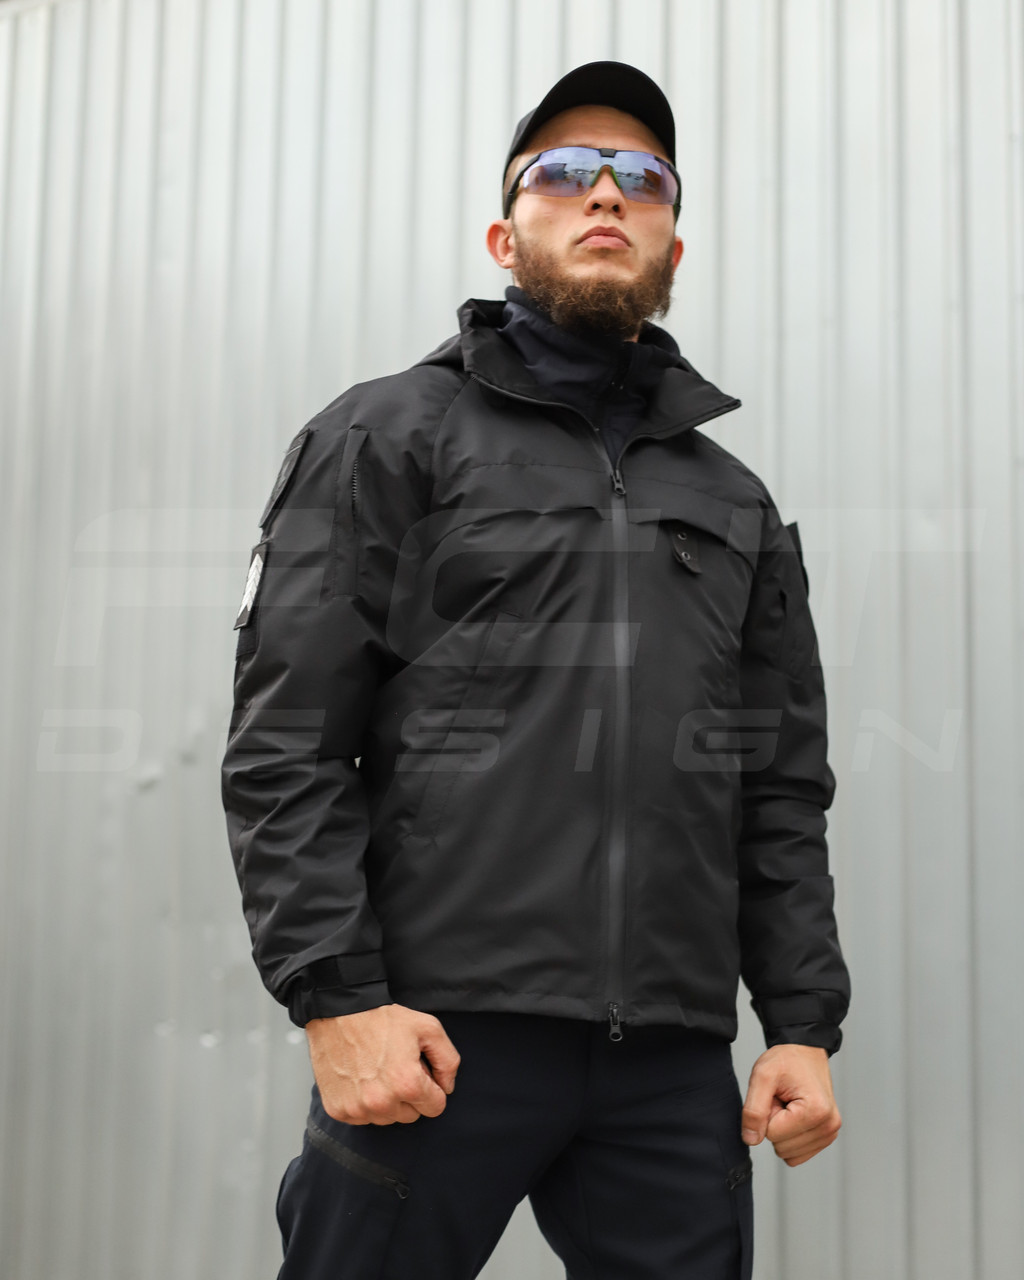 Куртка ветровка Патрол непромокаемая для полиции на сетке